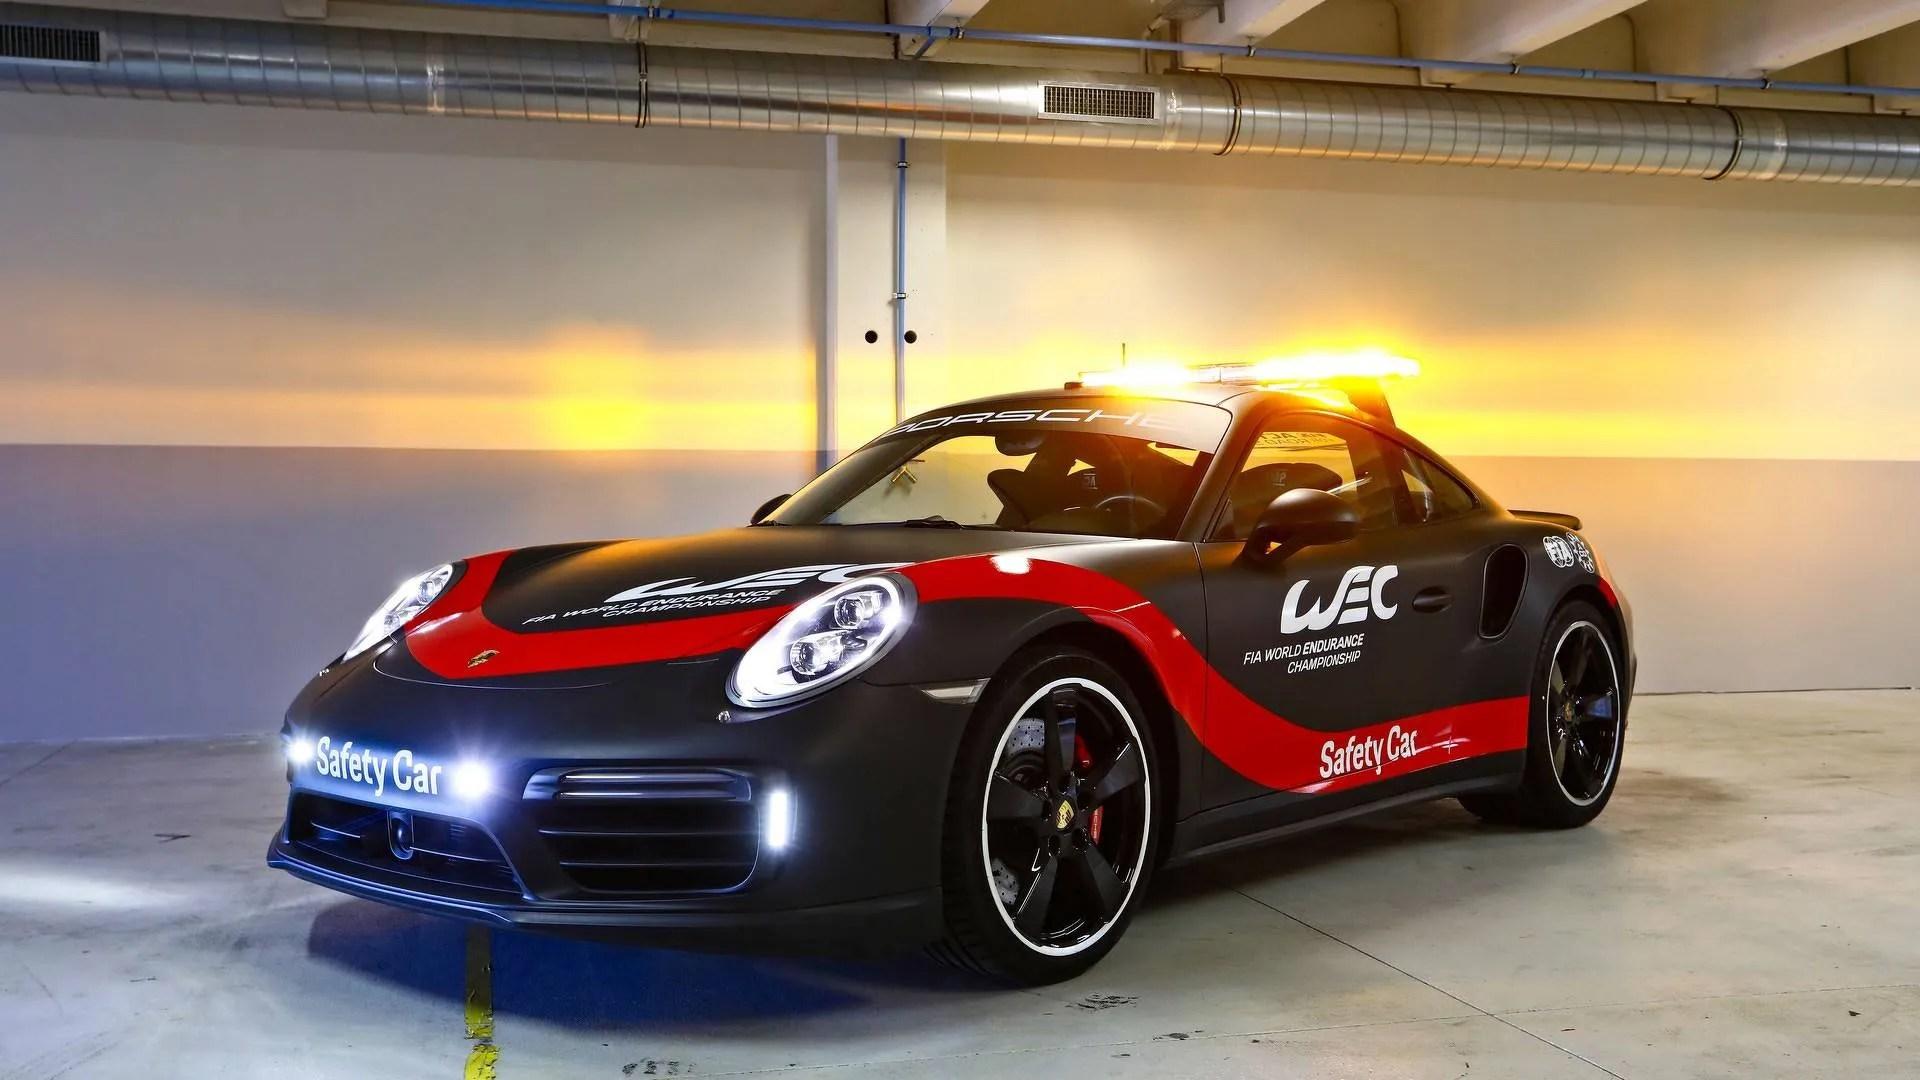 Asi Es El Porsche 911 Que Servira De Safety Car En El